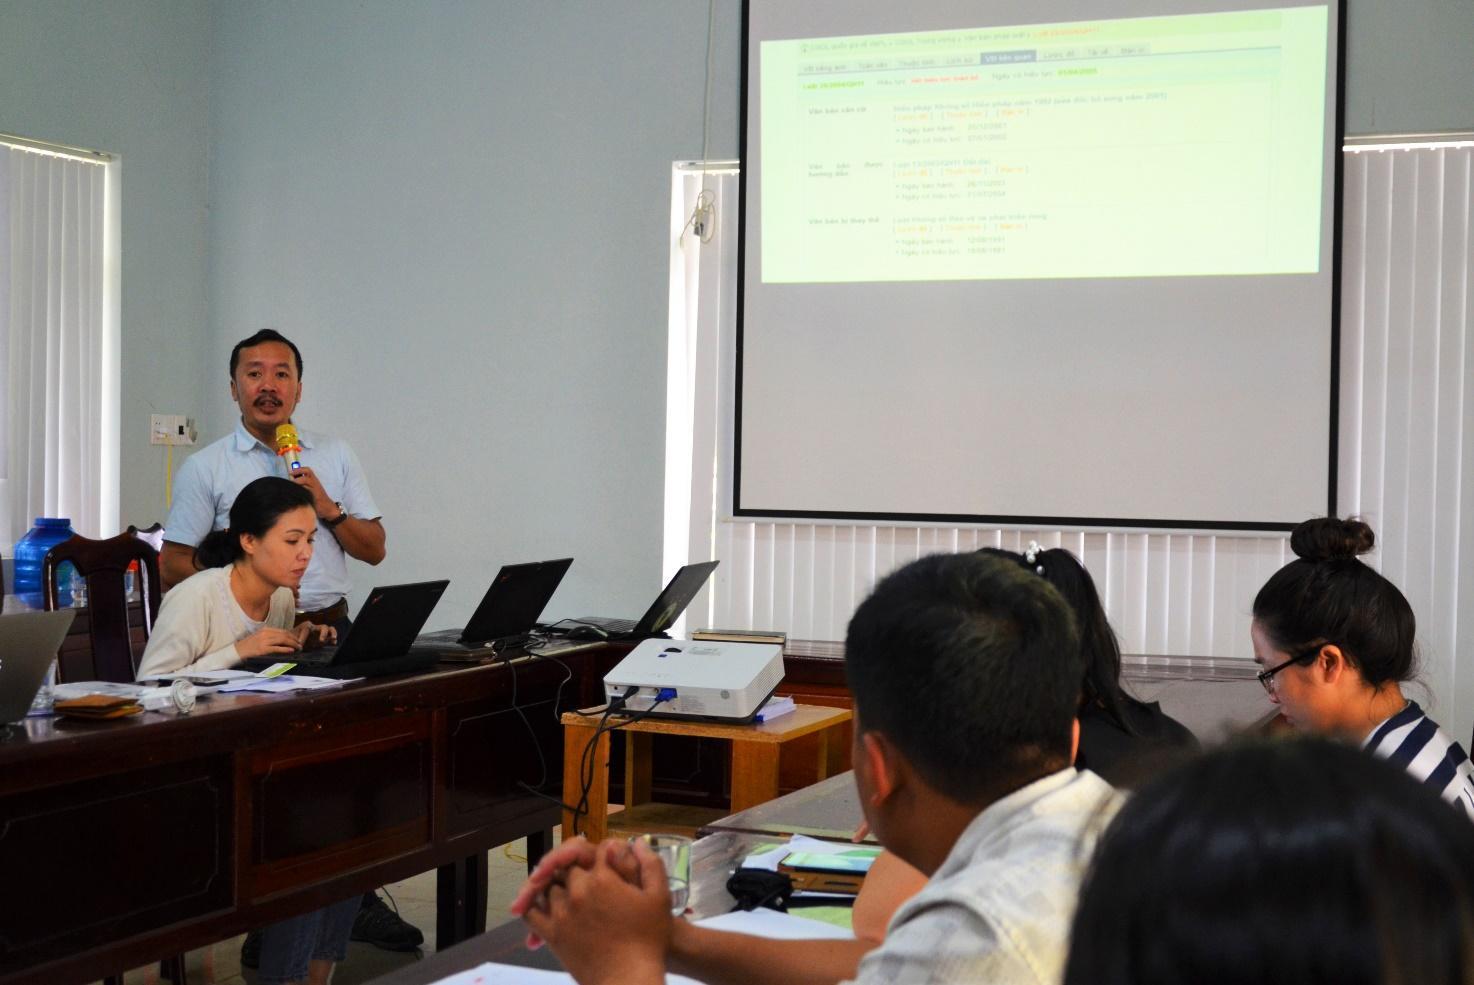 Ông Trịnh Lê Nguyên - Giám đốc PanNature giới thiệu với đoàn PV các nguồn tin xác thực nên tham khảo khi viết tin bài về động vật hoang dã